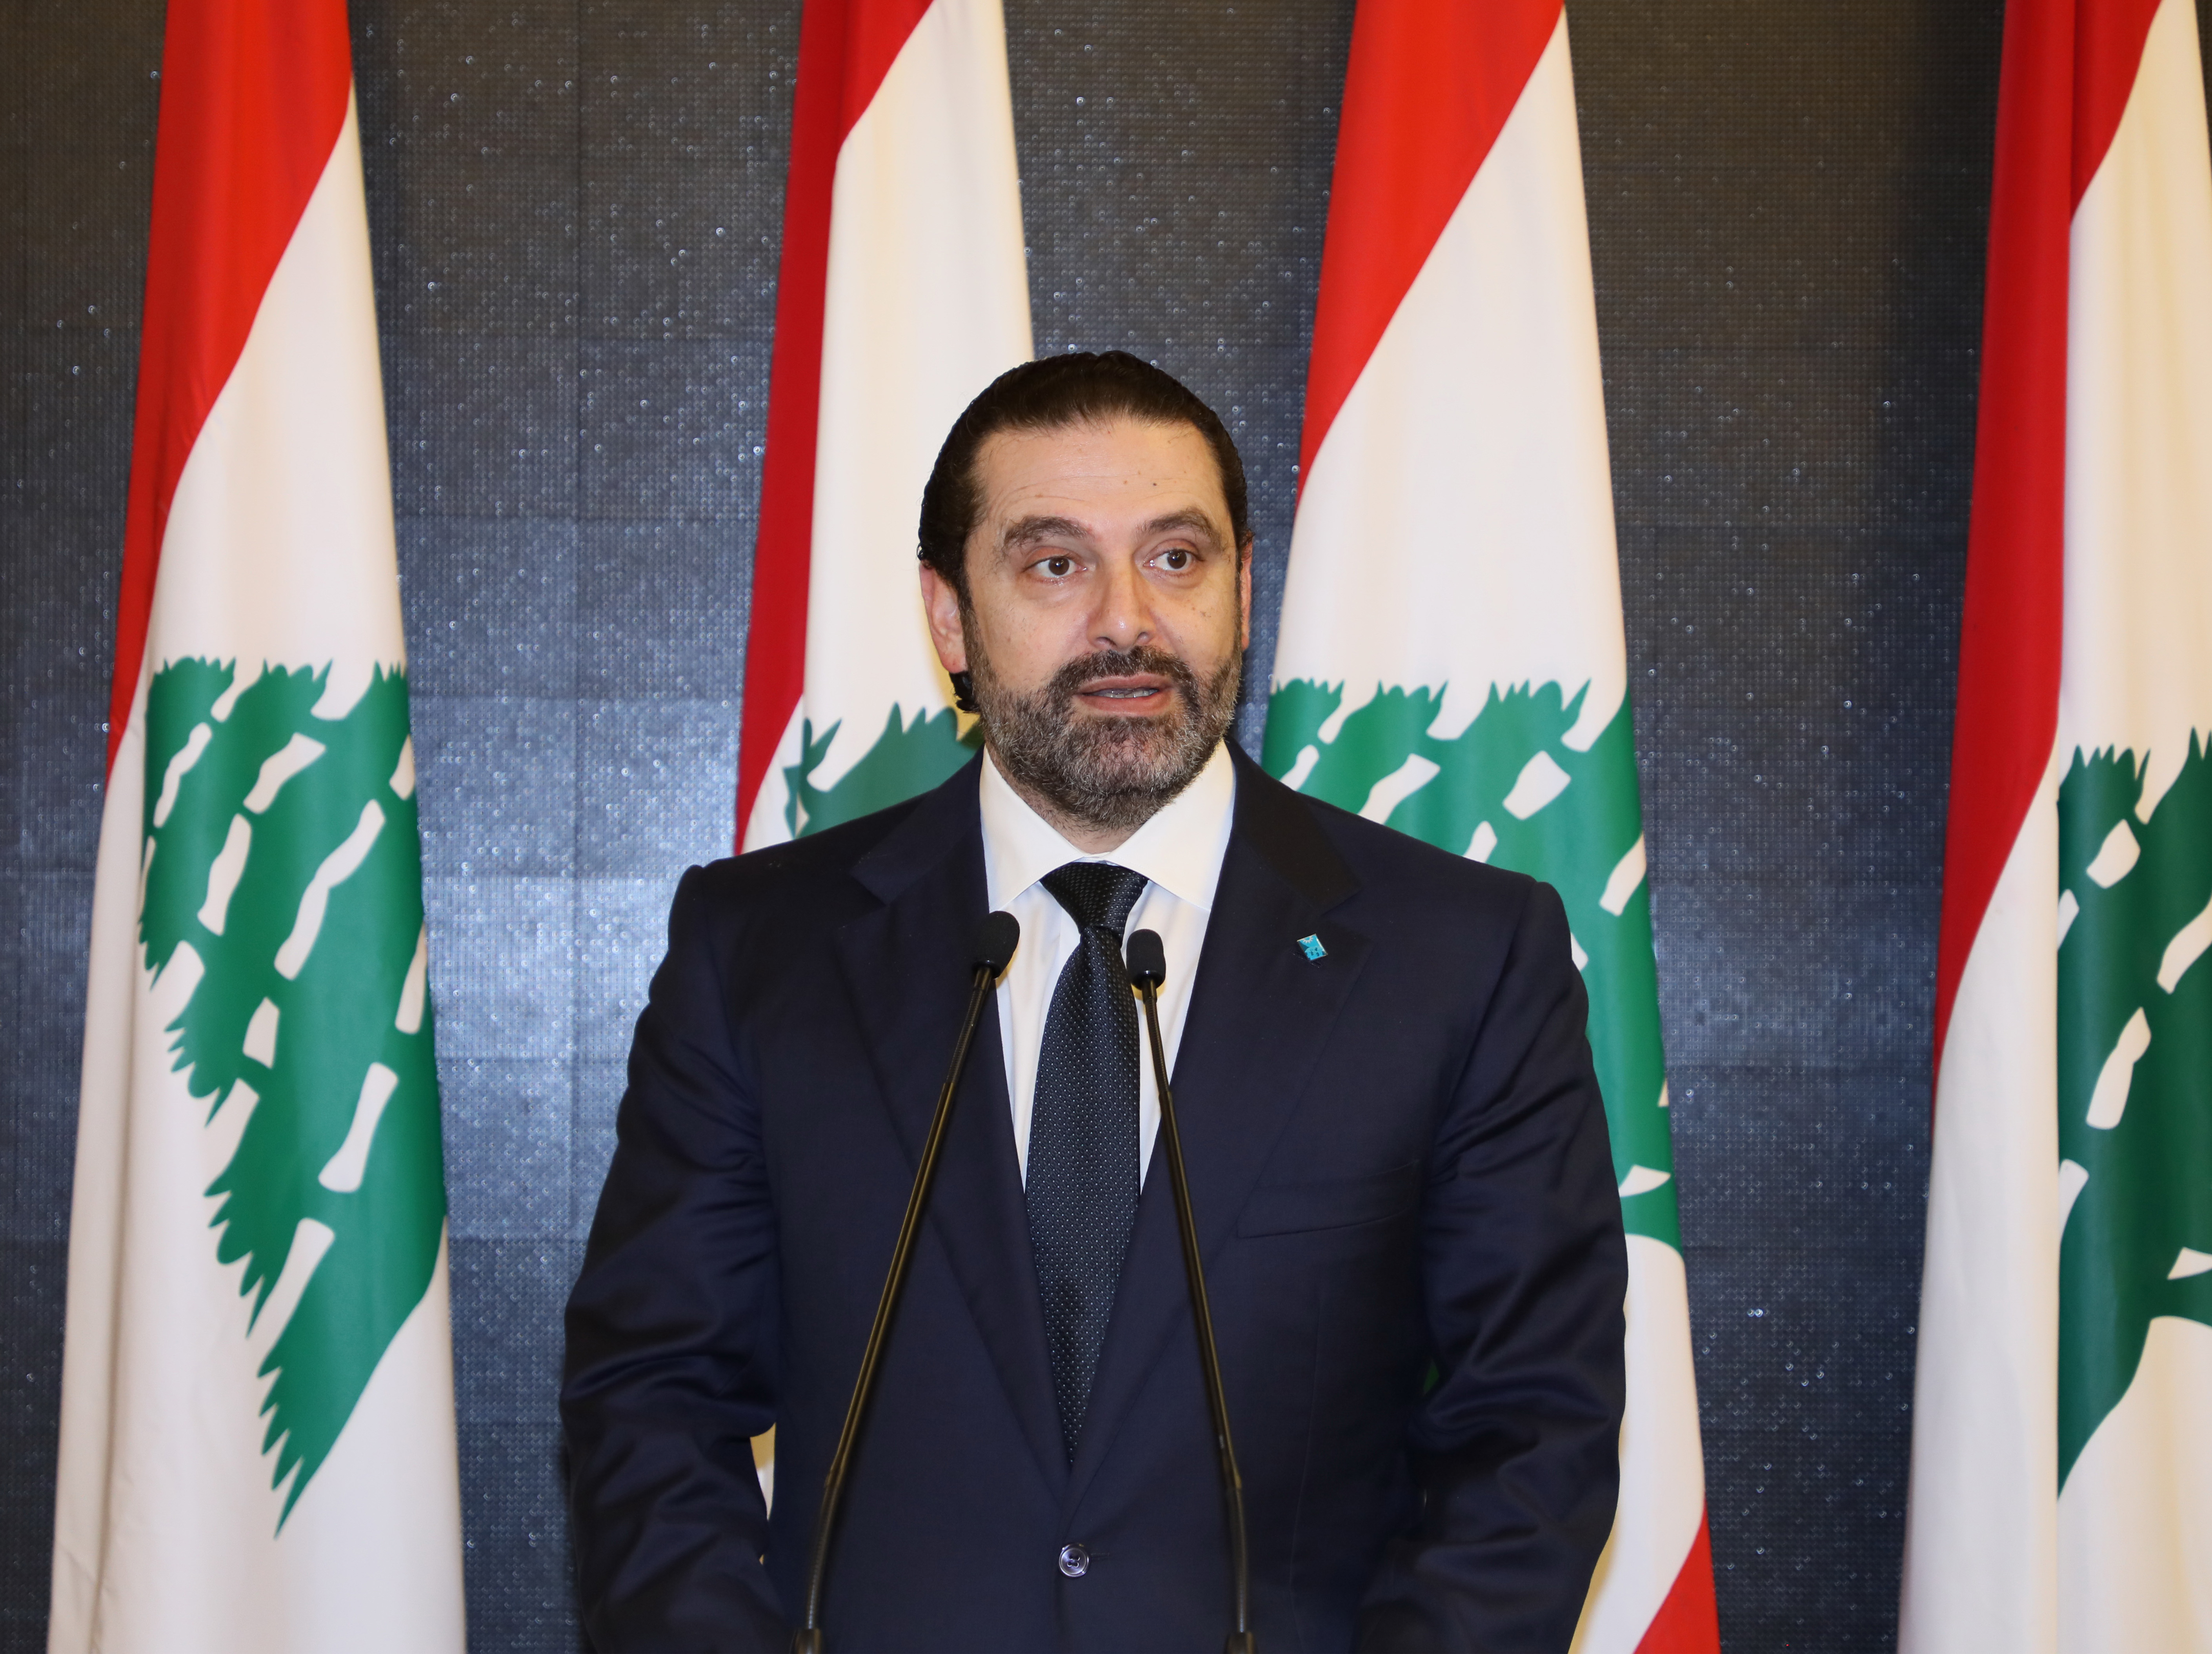 Pr Minister Saad Hariri Honors Mr Mouhamad el Saoudi 5